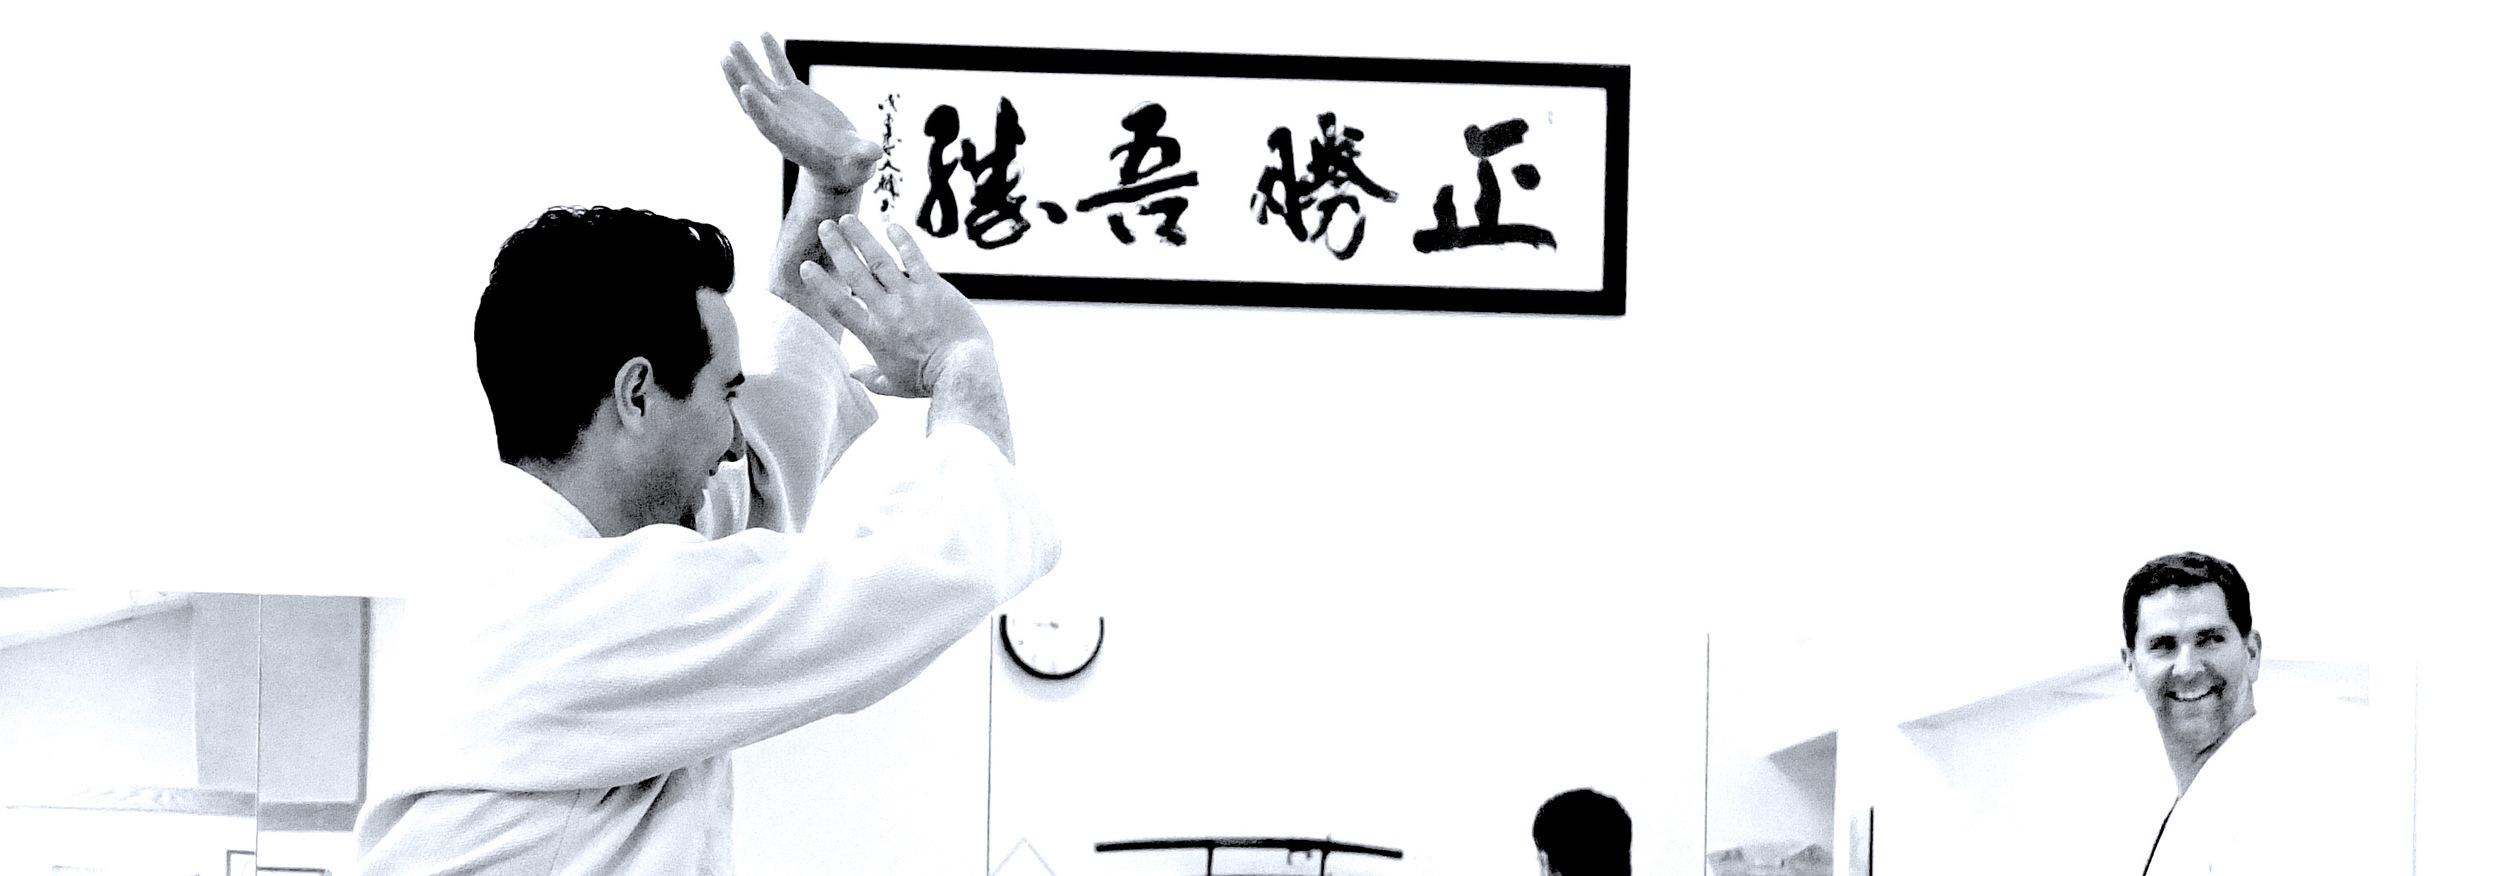 aikido portsmouth 3.jpg